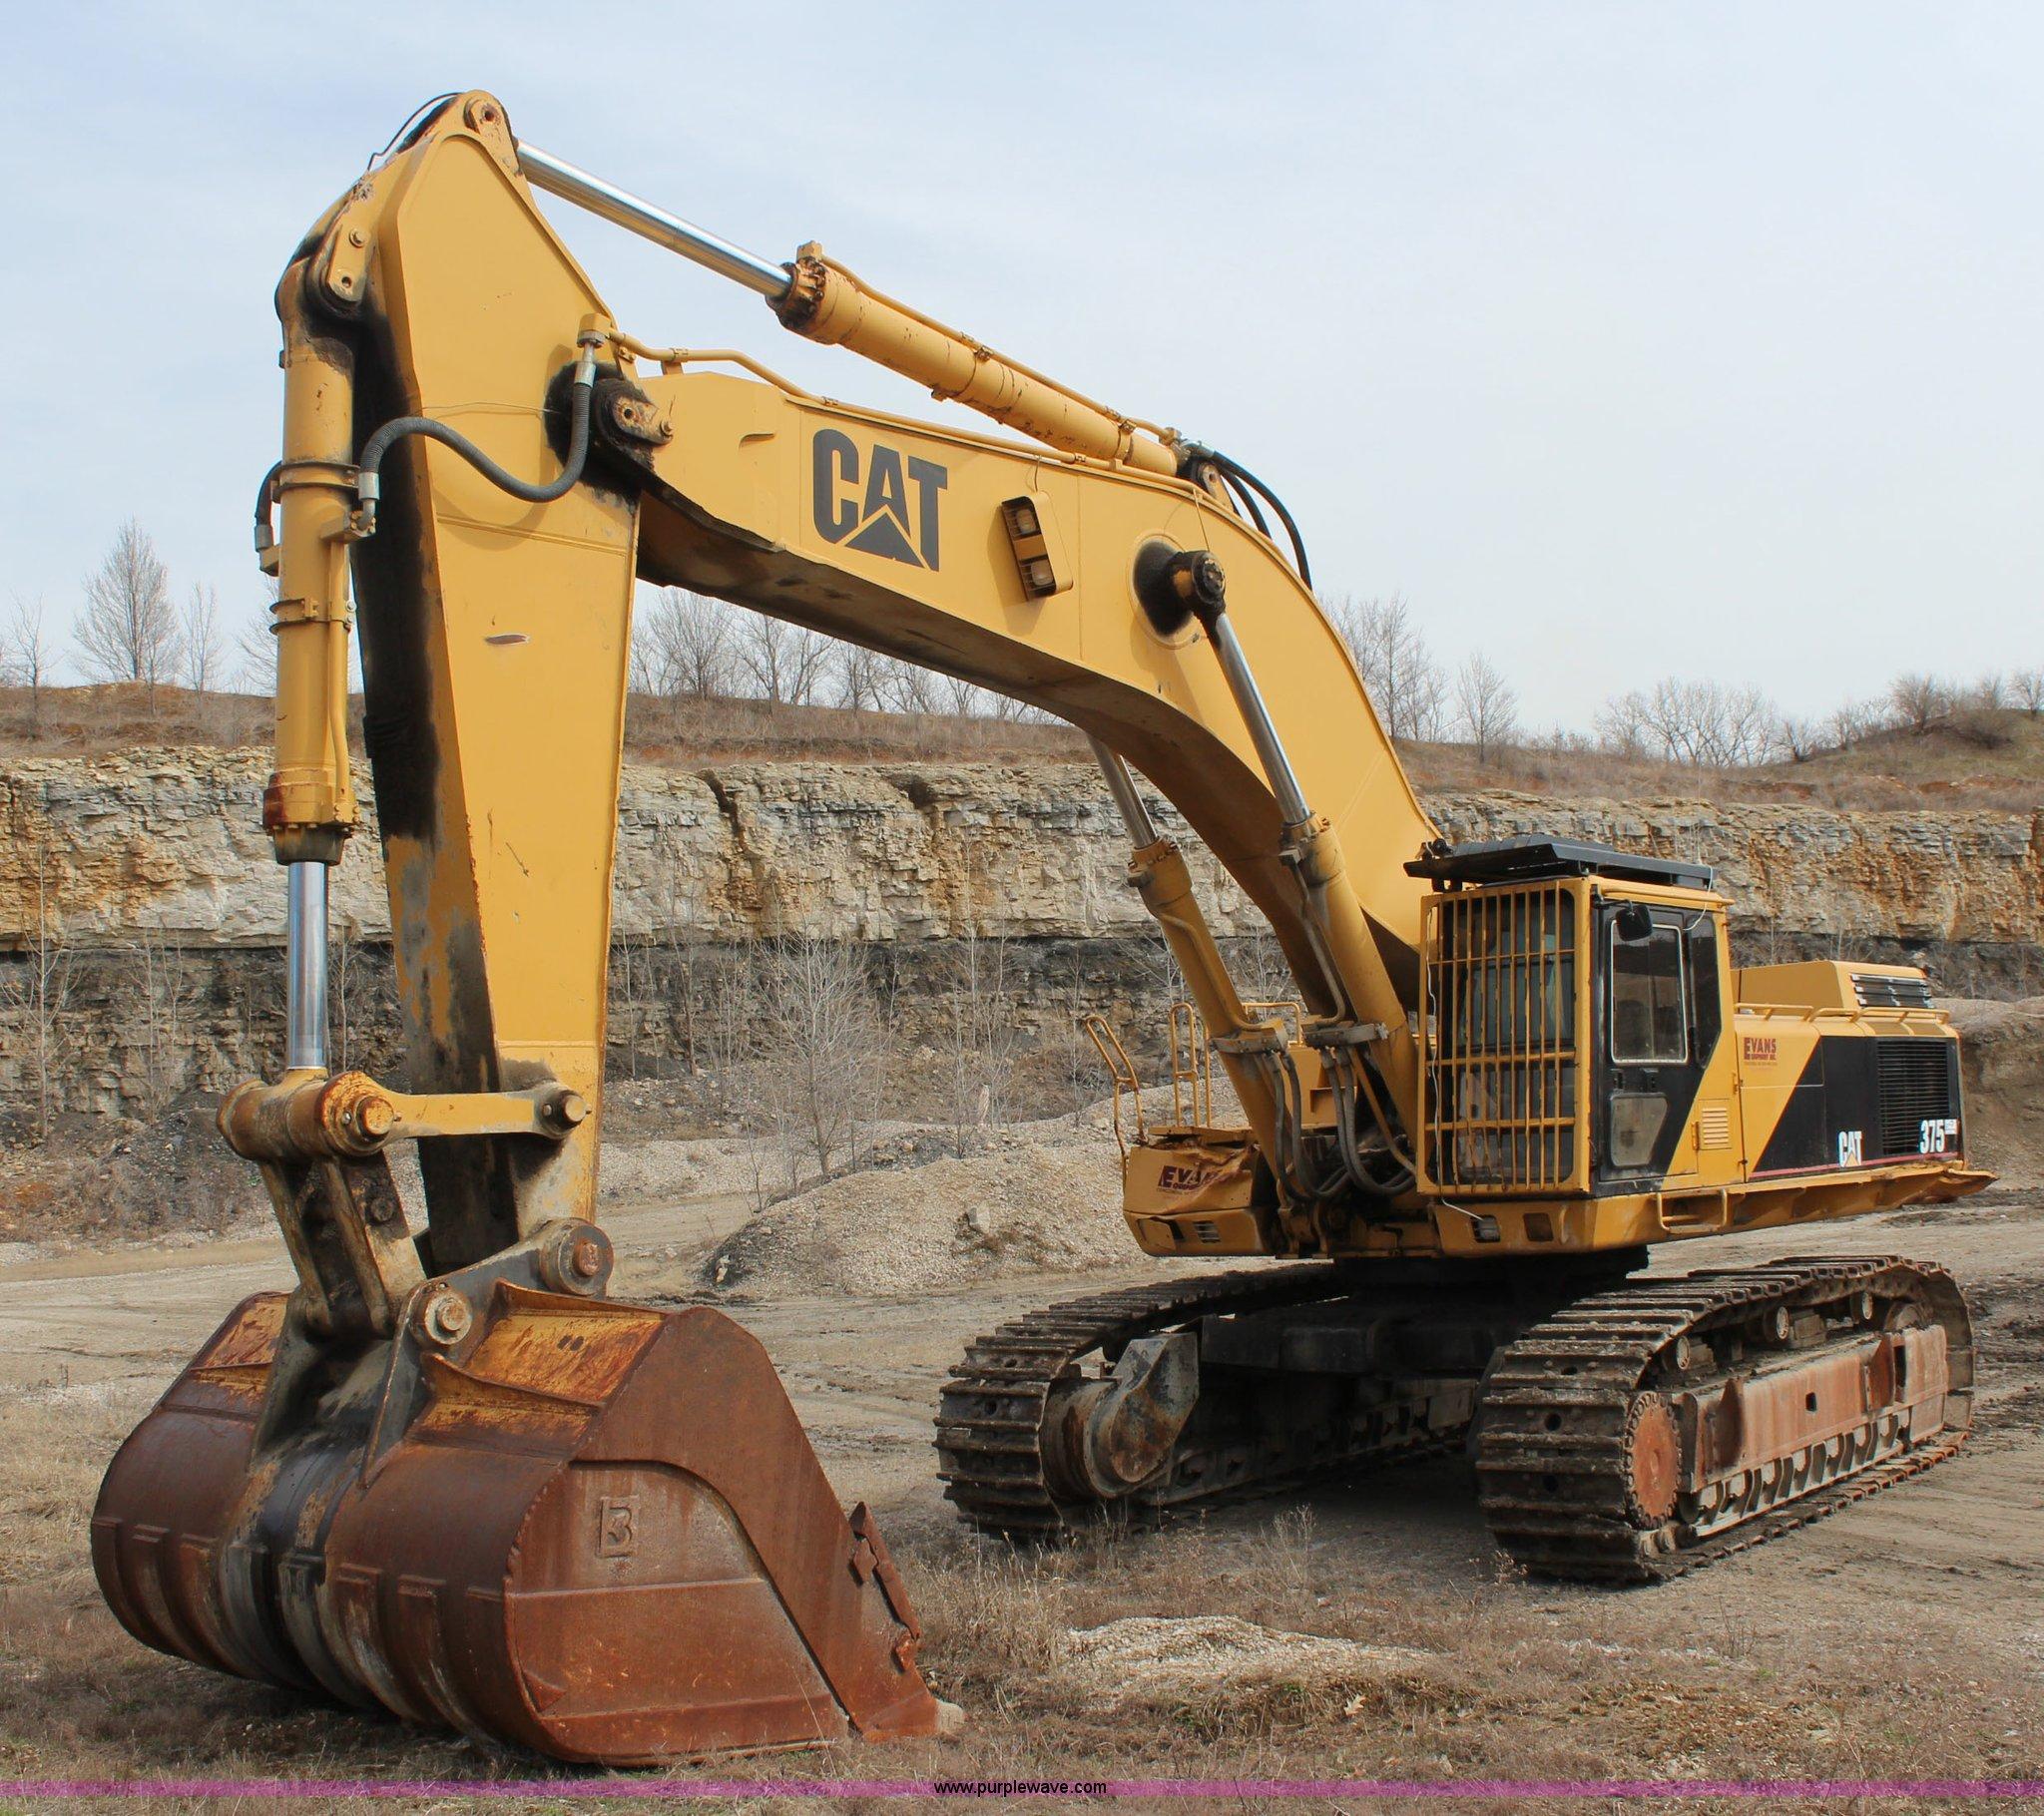 1993 Caterpillar 375 excavator | Item K7100 | SOLD! April 23